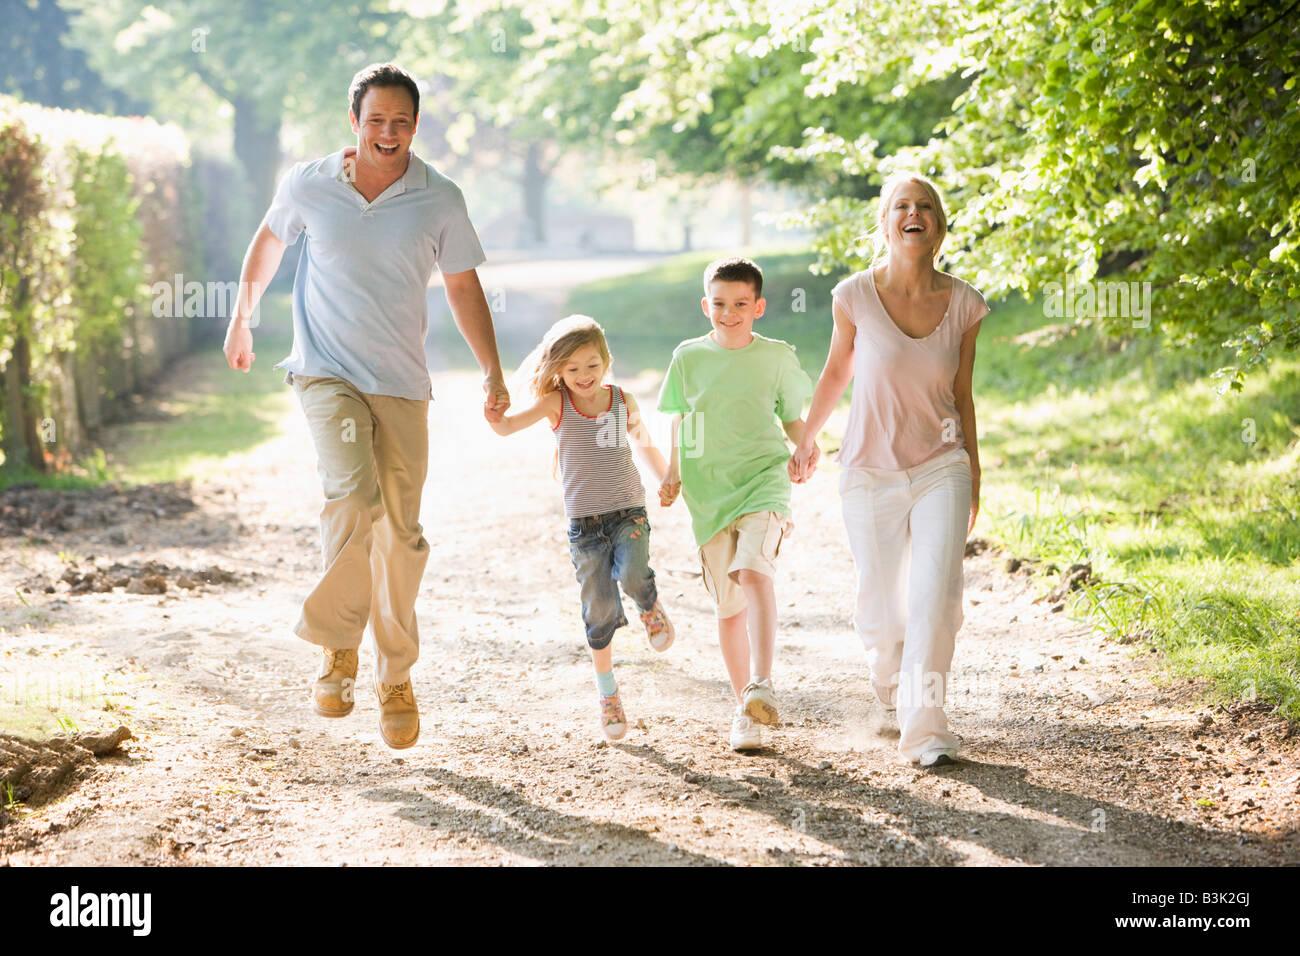 Famiglia correndo all'aperto tenendo le mani e sorridente Immagini Stock